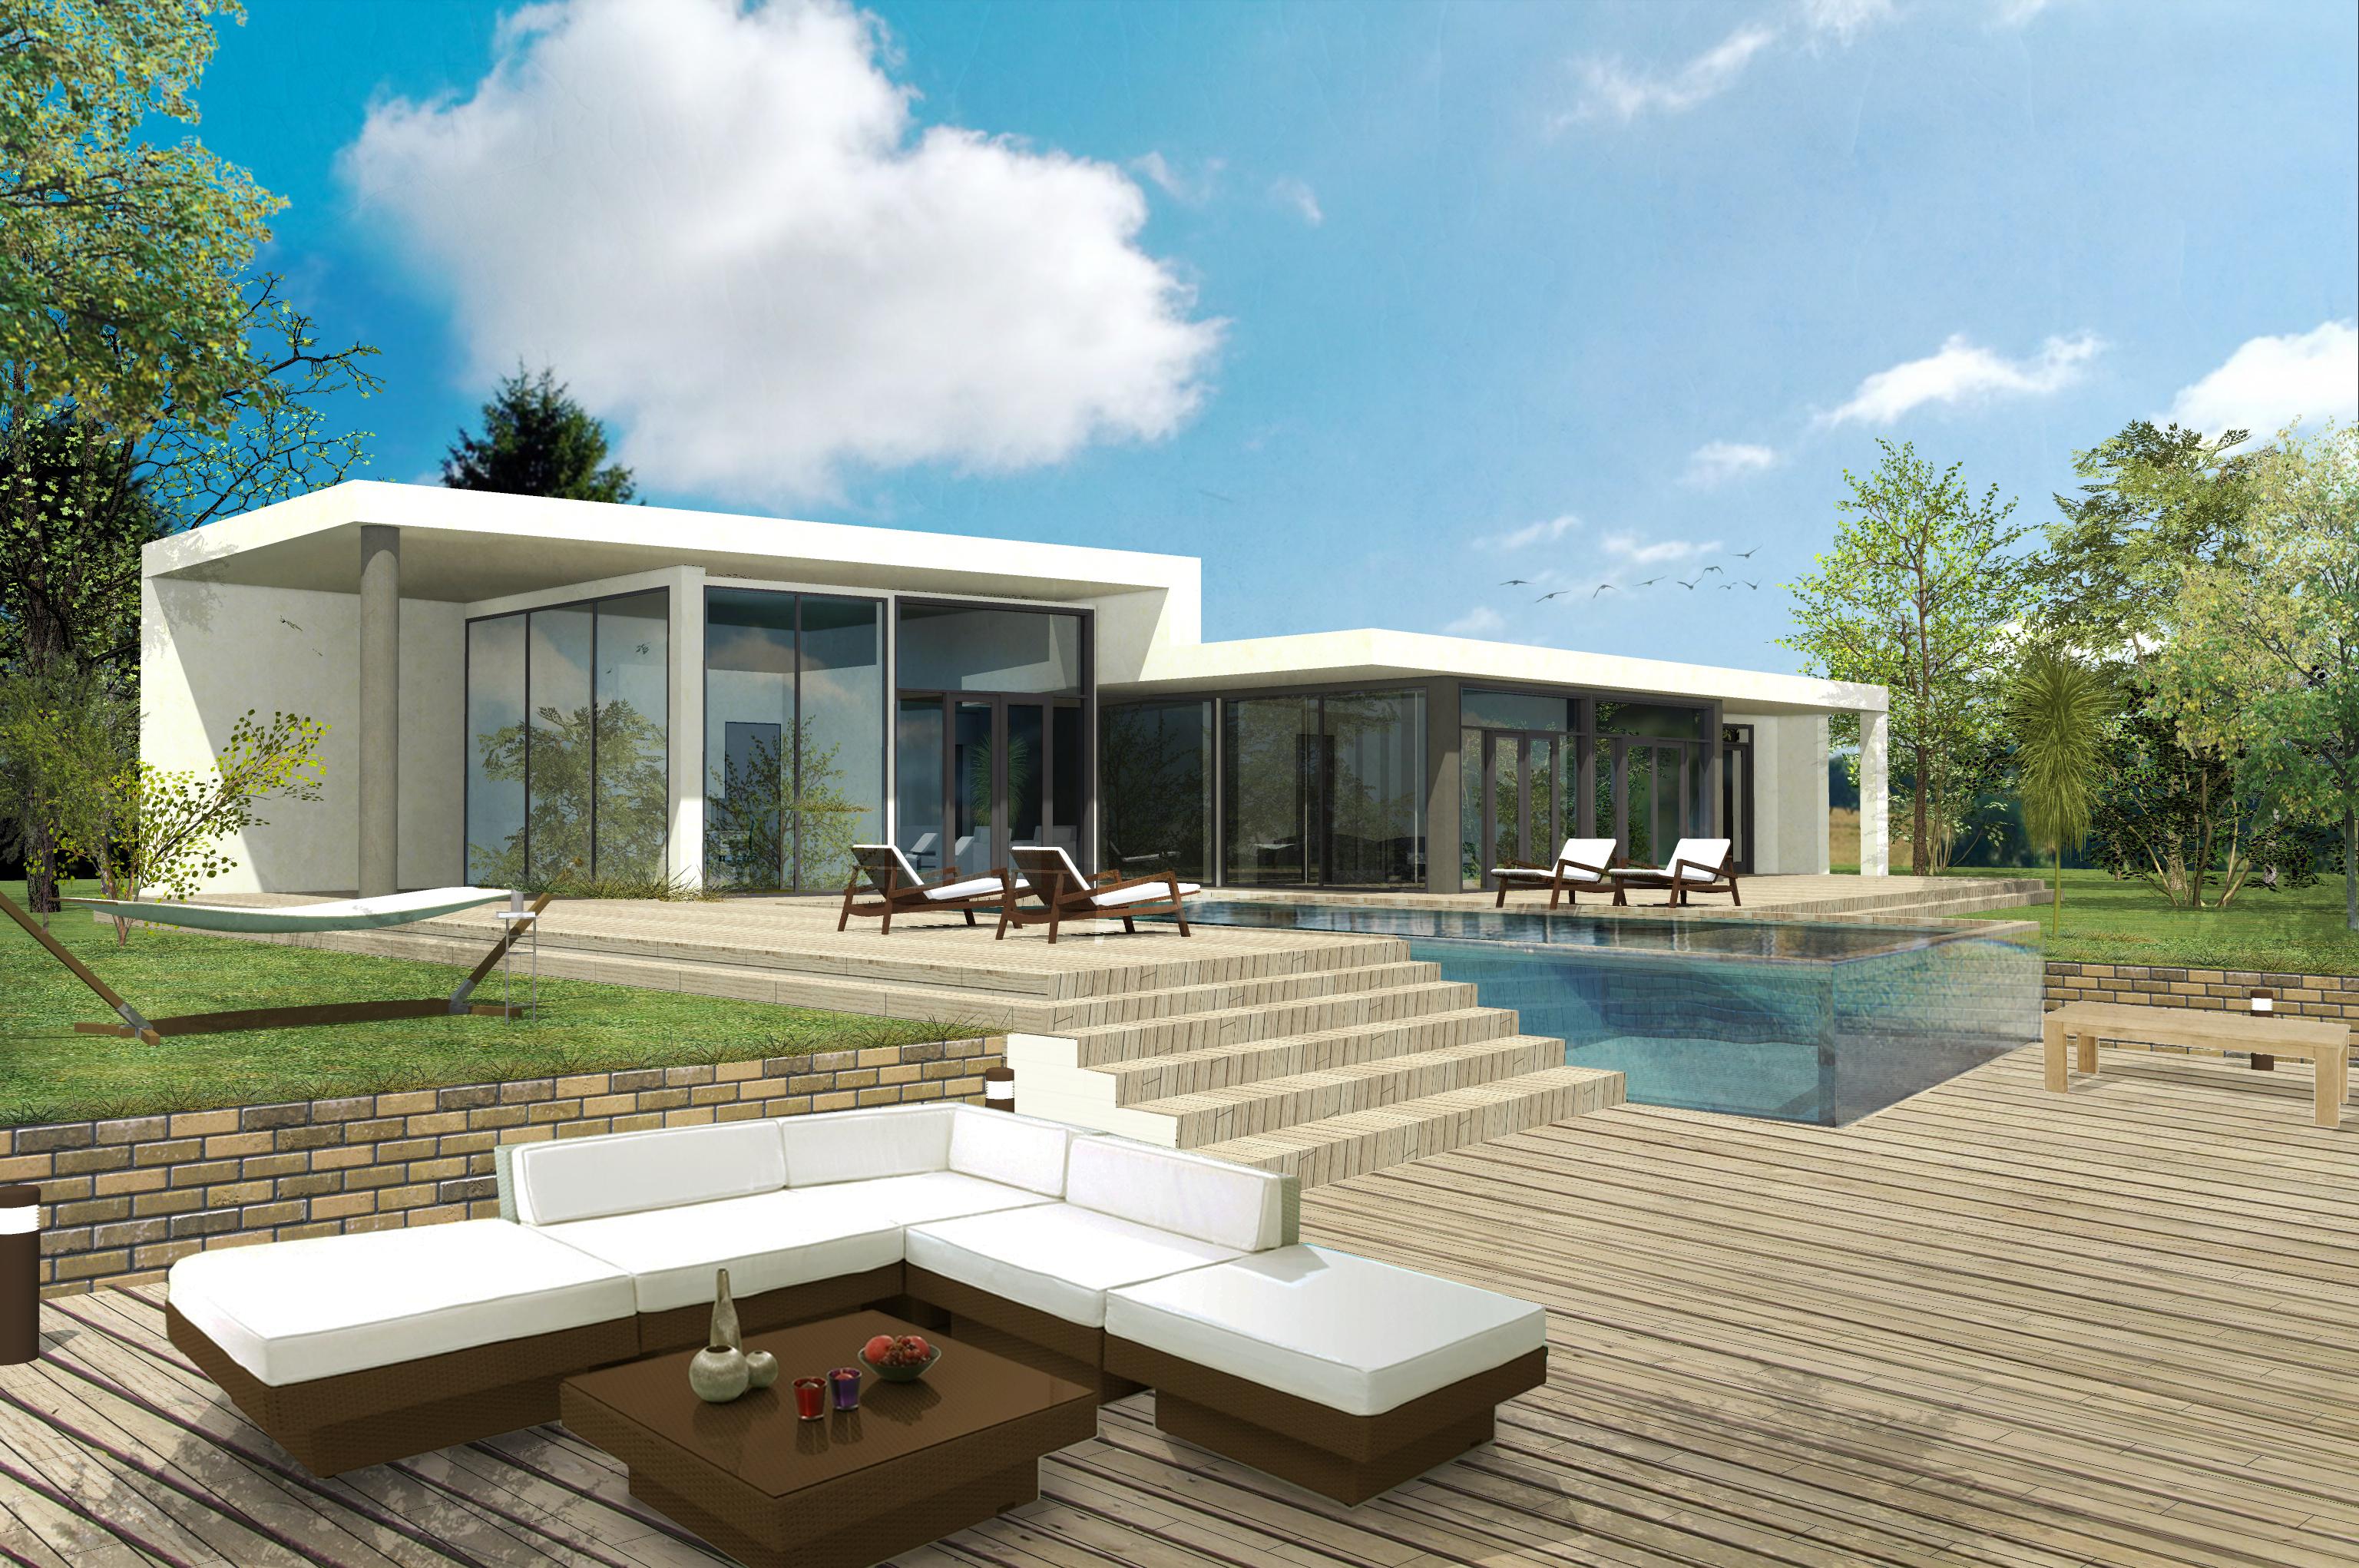 archionline une nouvelle vision de l architecture ap ro chantier innovation. Black Bedroom Furniture Sets. Home Design Ideas